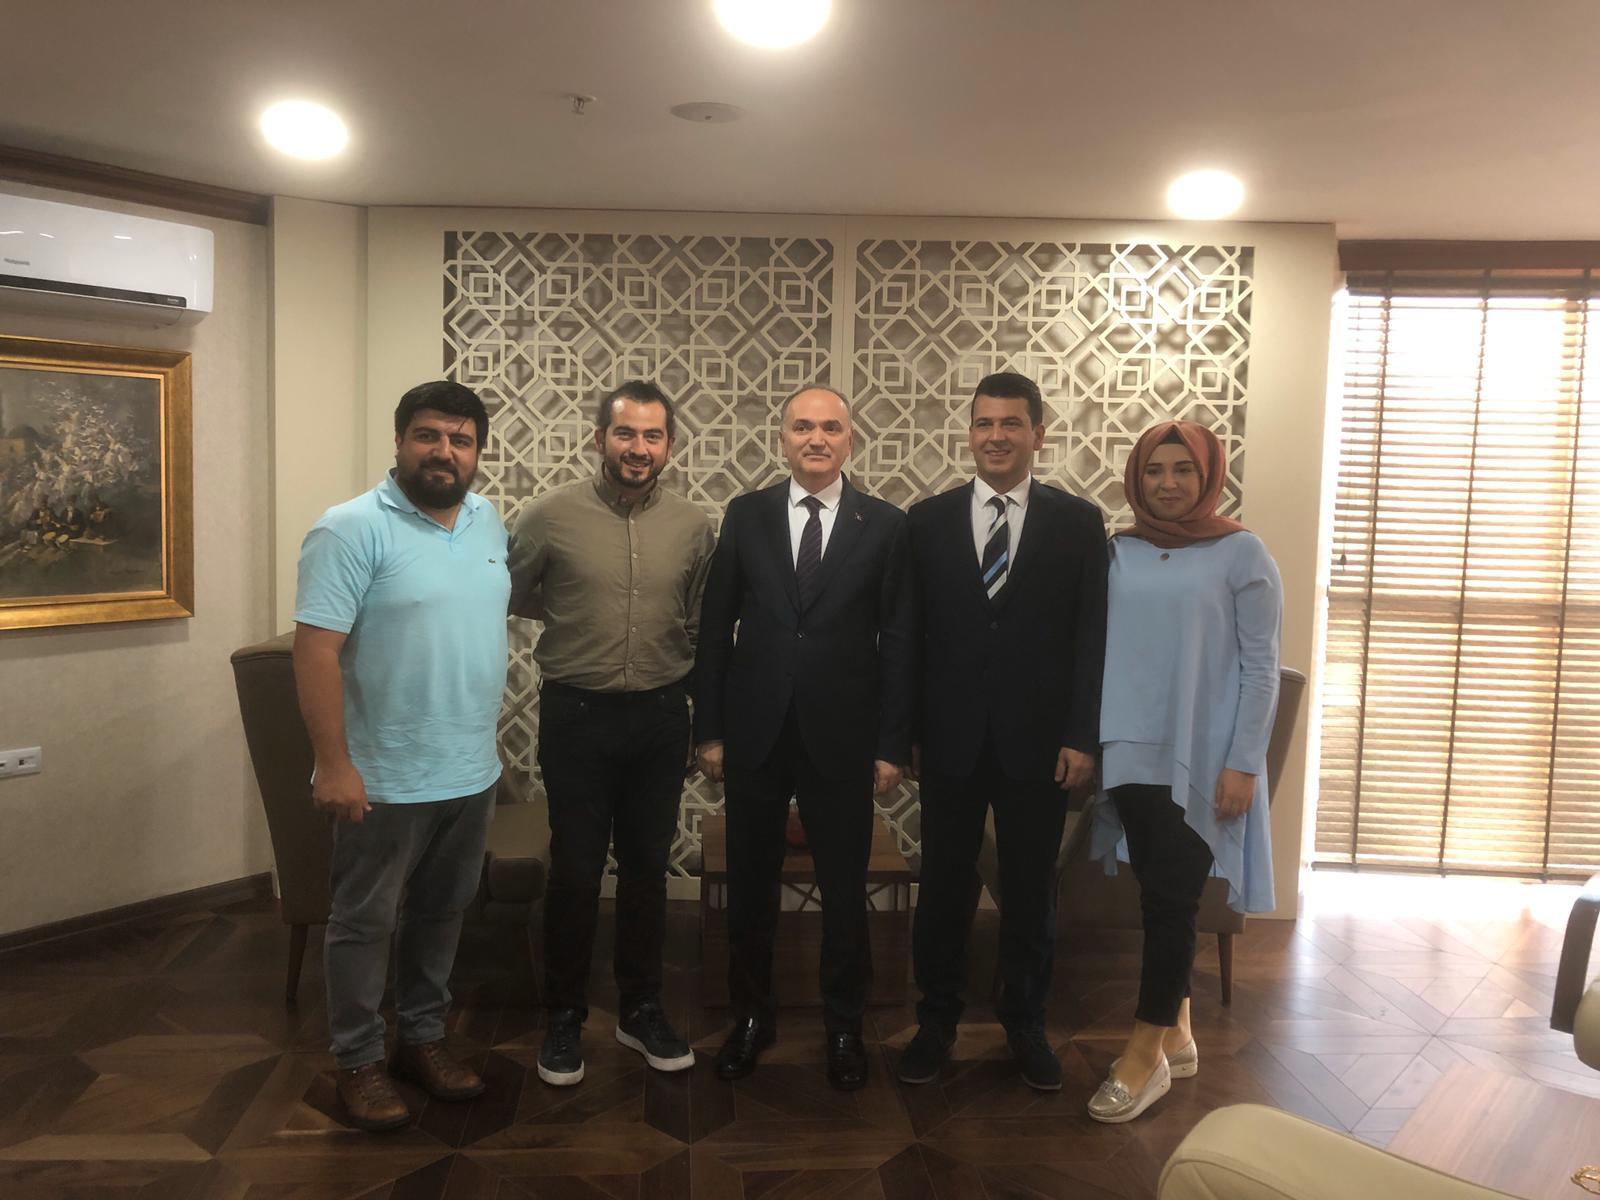 Düzce Belediye Başkanı ve Eski Bakanımız Dr. Faruk ÖZLÜ ziyareti